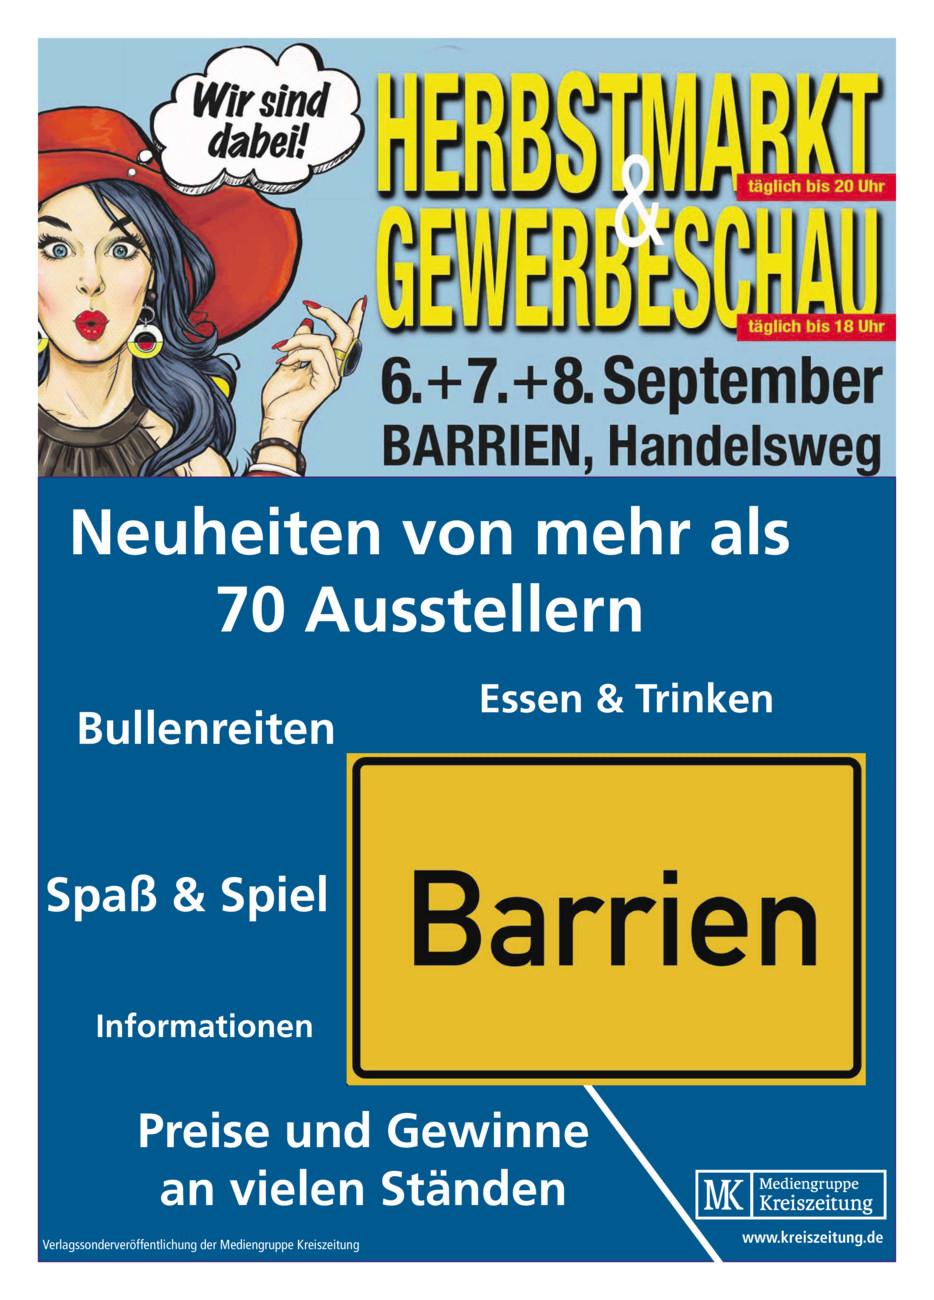 Herbstmarkt und Gewerbeschau Barrien vom Mittwoch, 04.09.2019